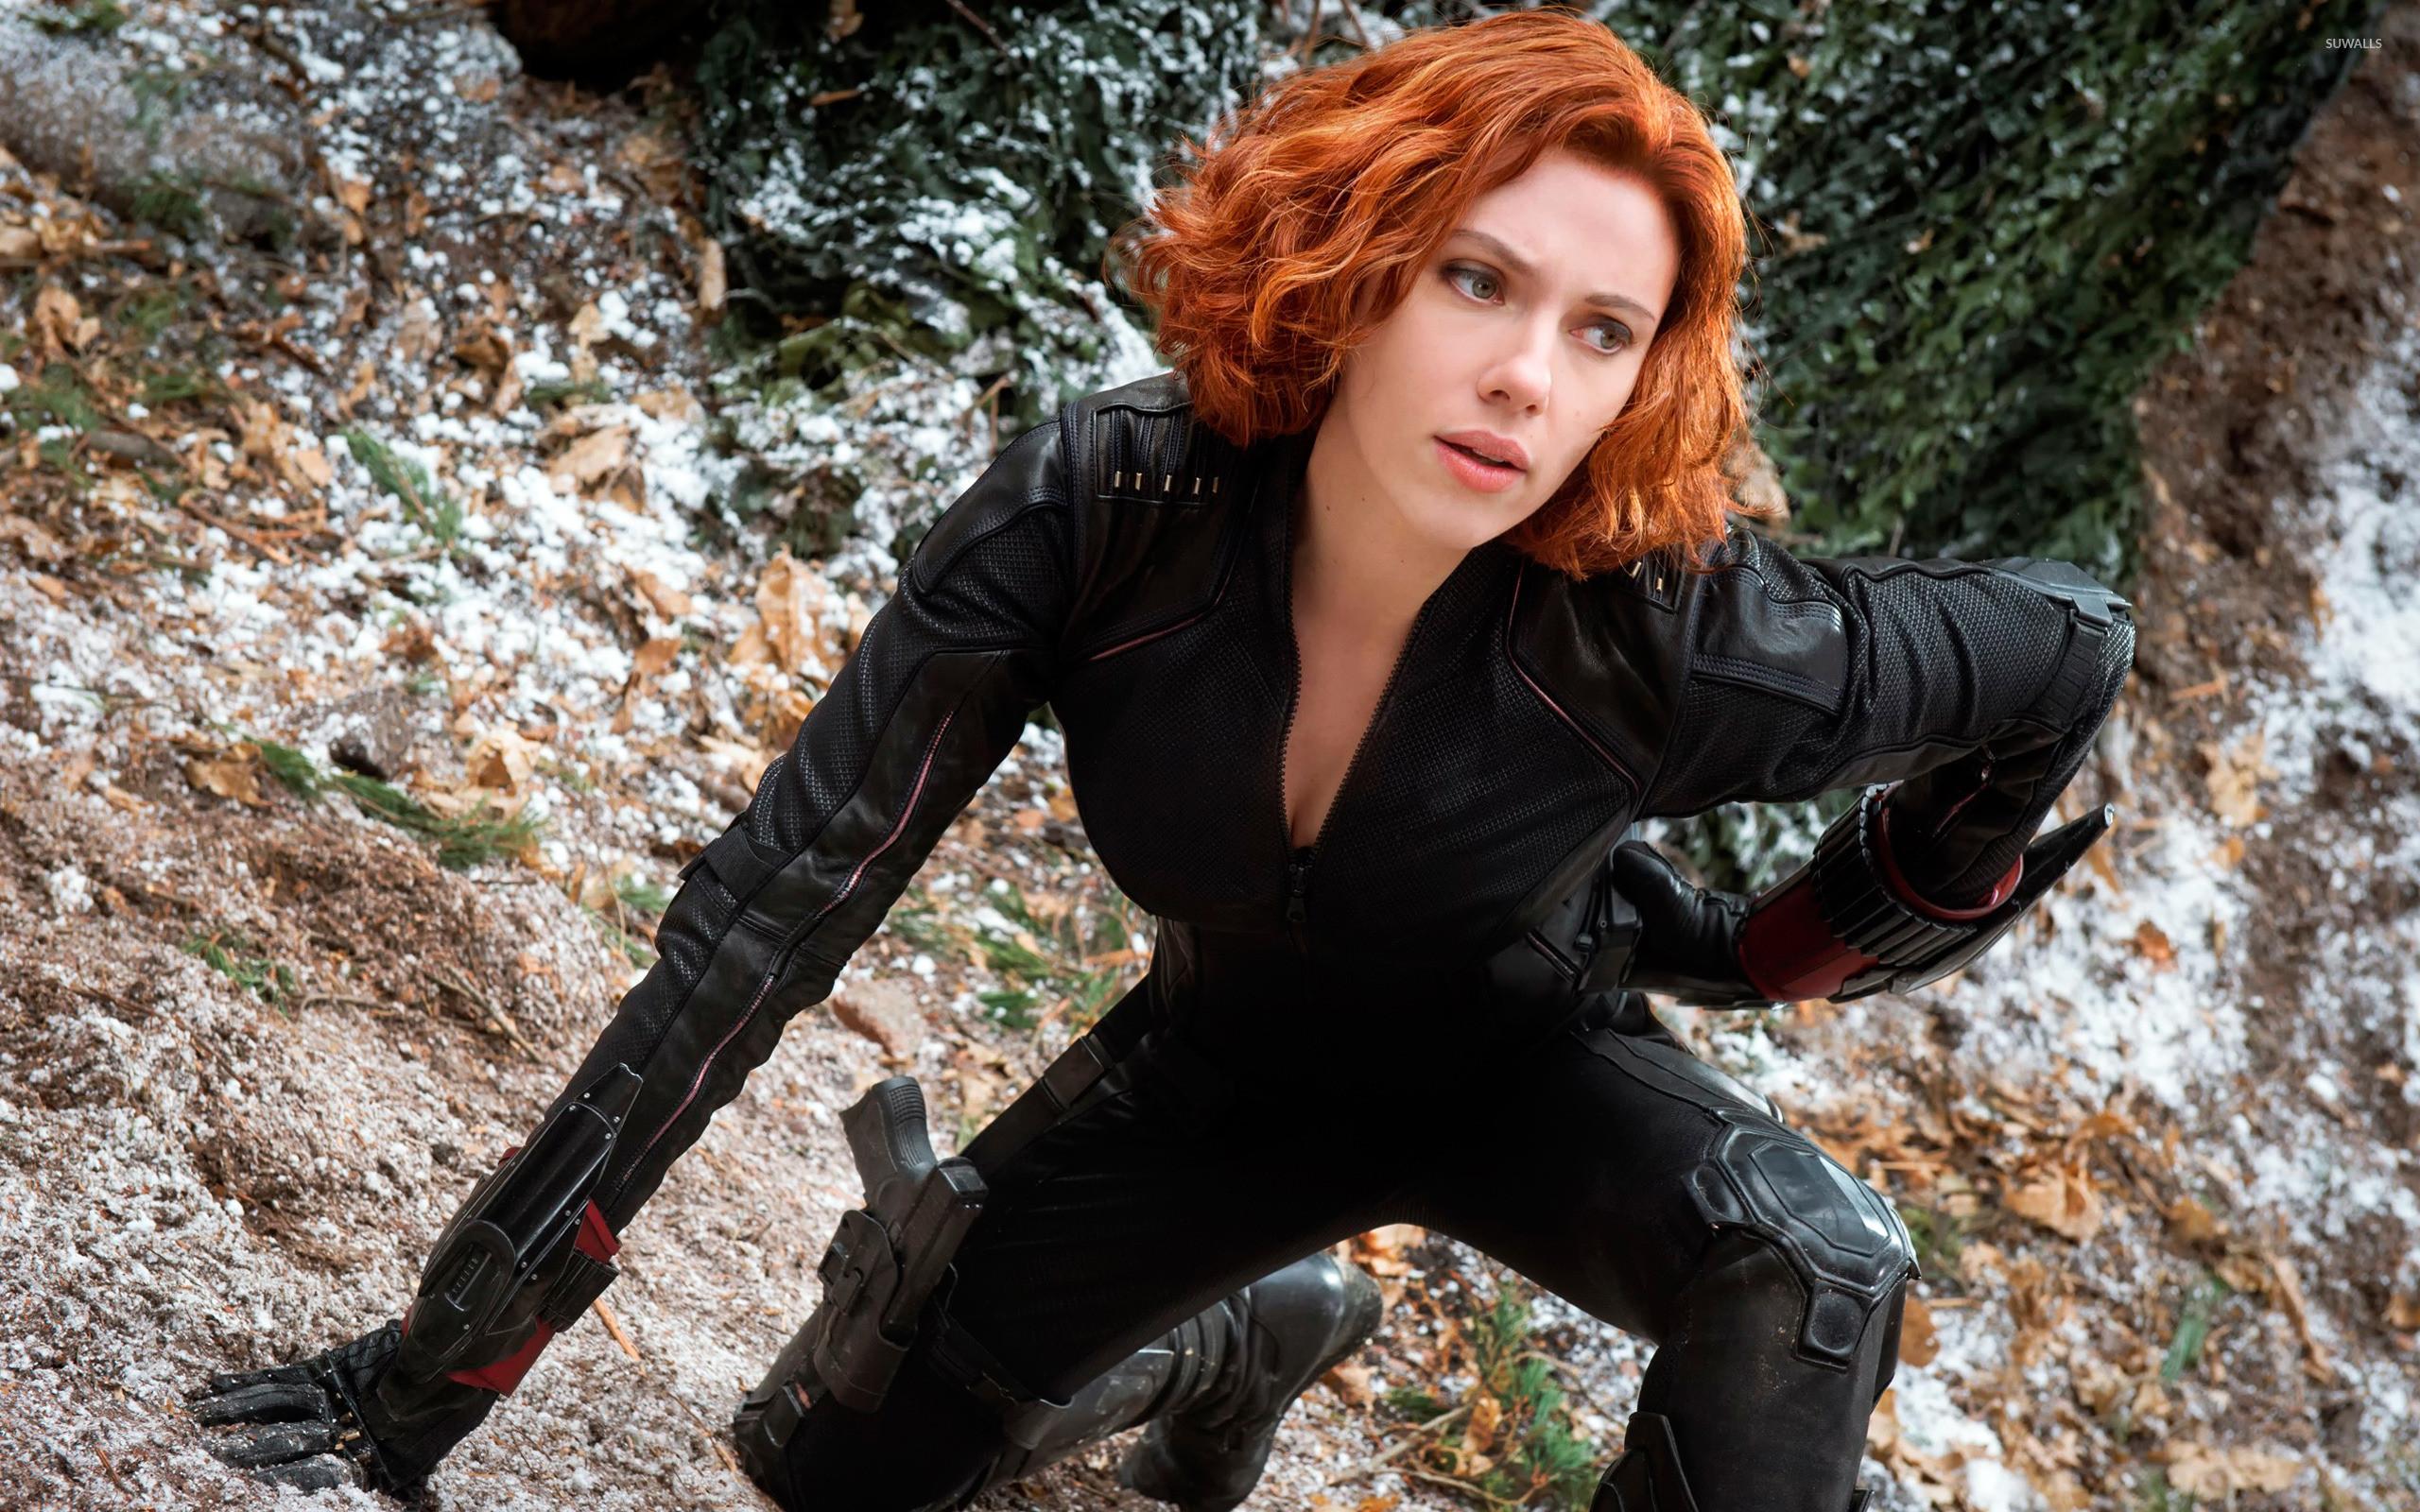 Black Widow – Avengers: Age of Ultron wallpaper jpg